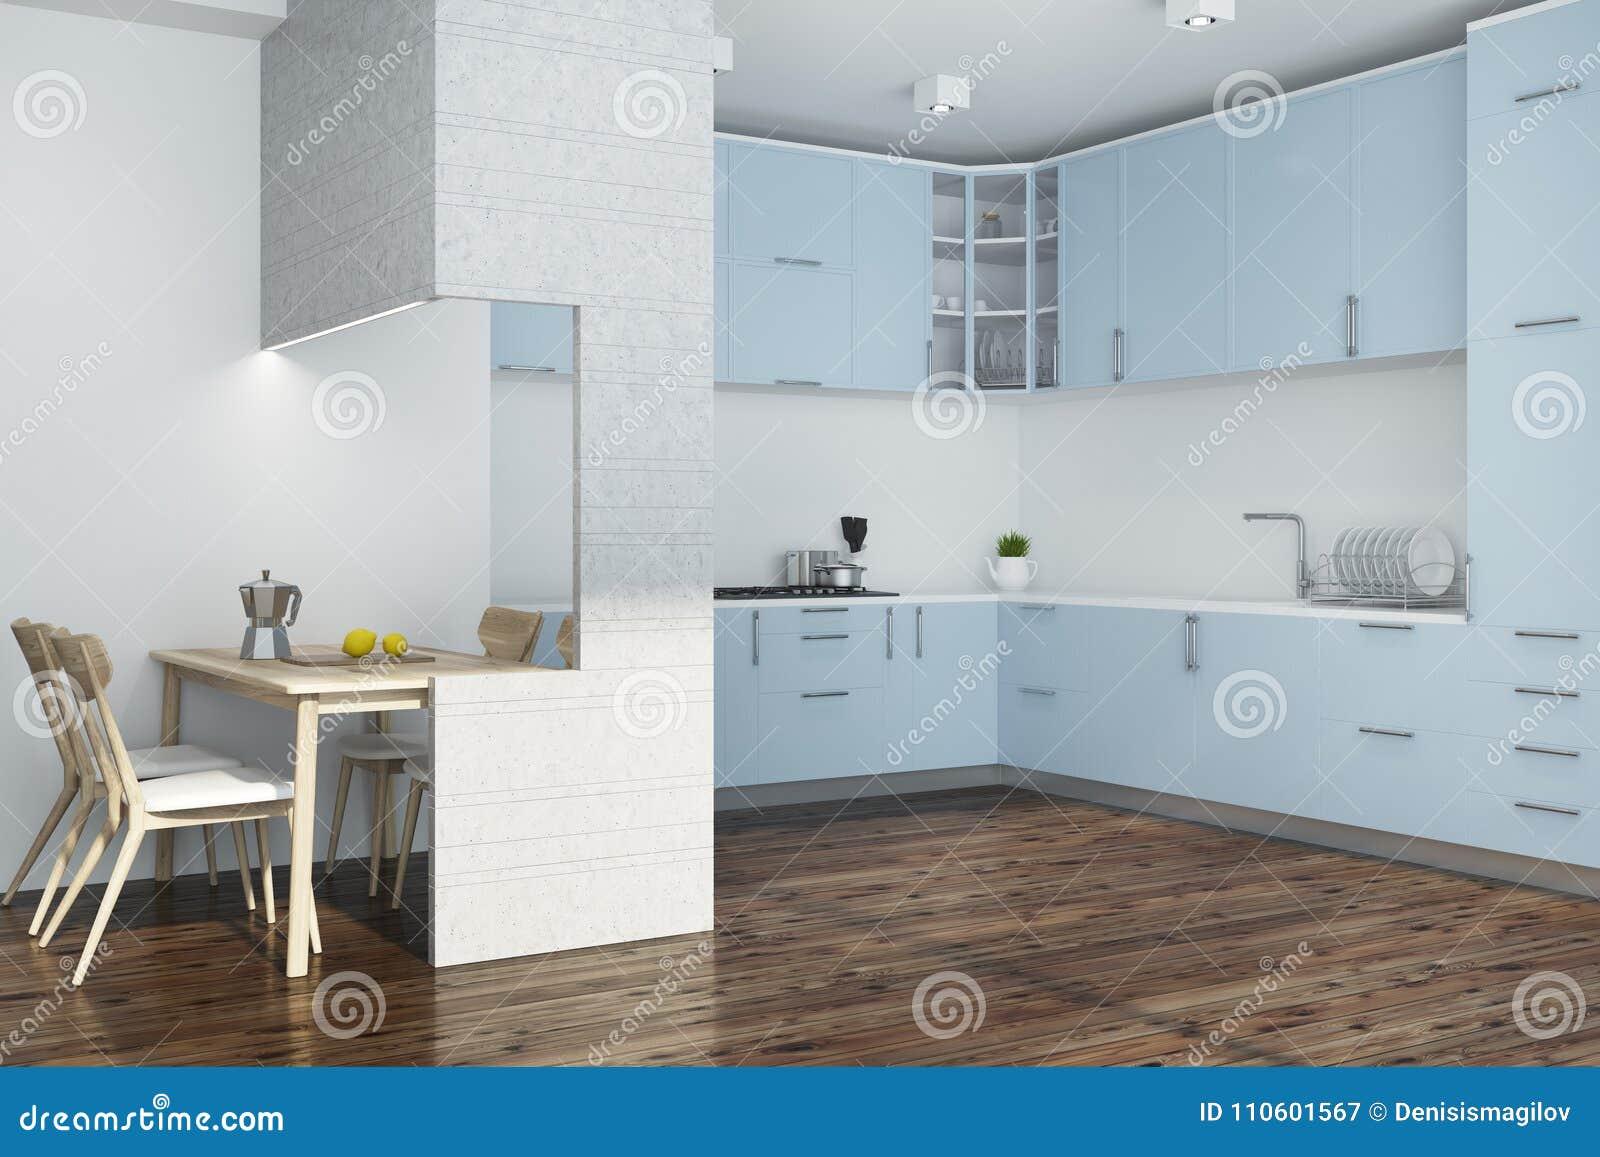 Muebles Blancos De La Esquina De La Cocina, Azules Y Blancos ...